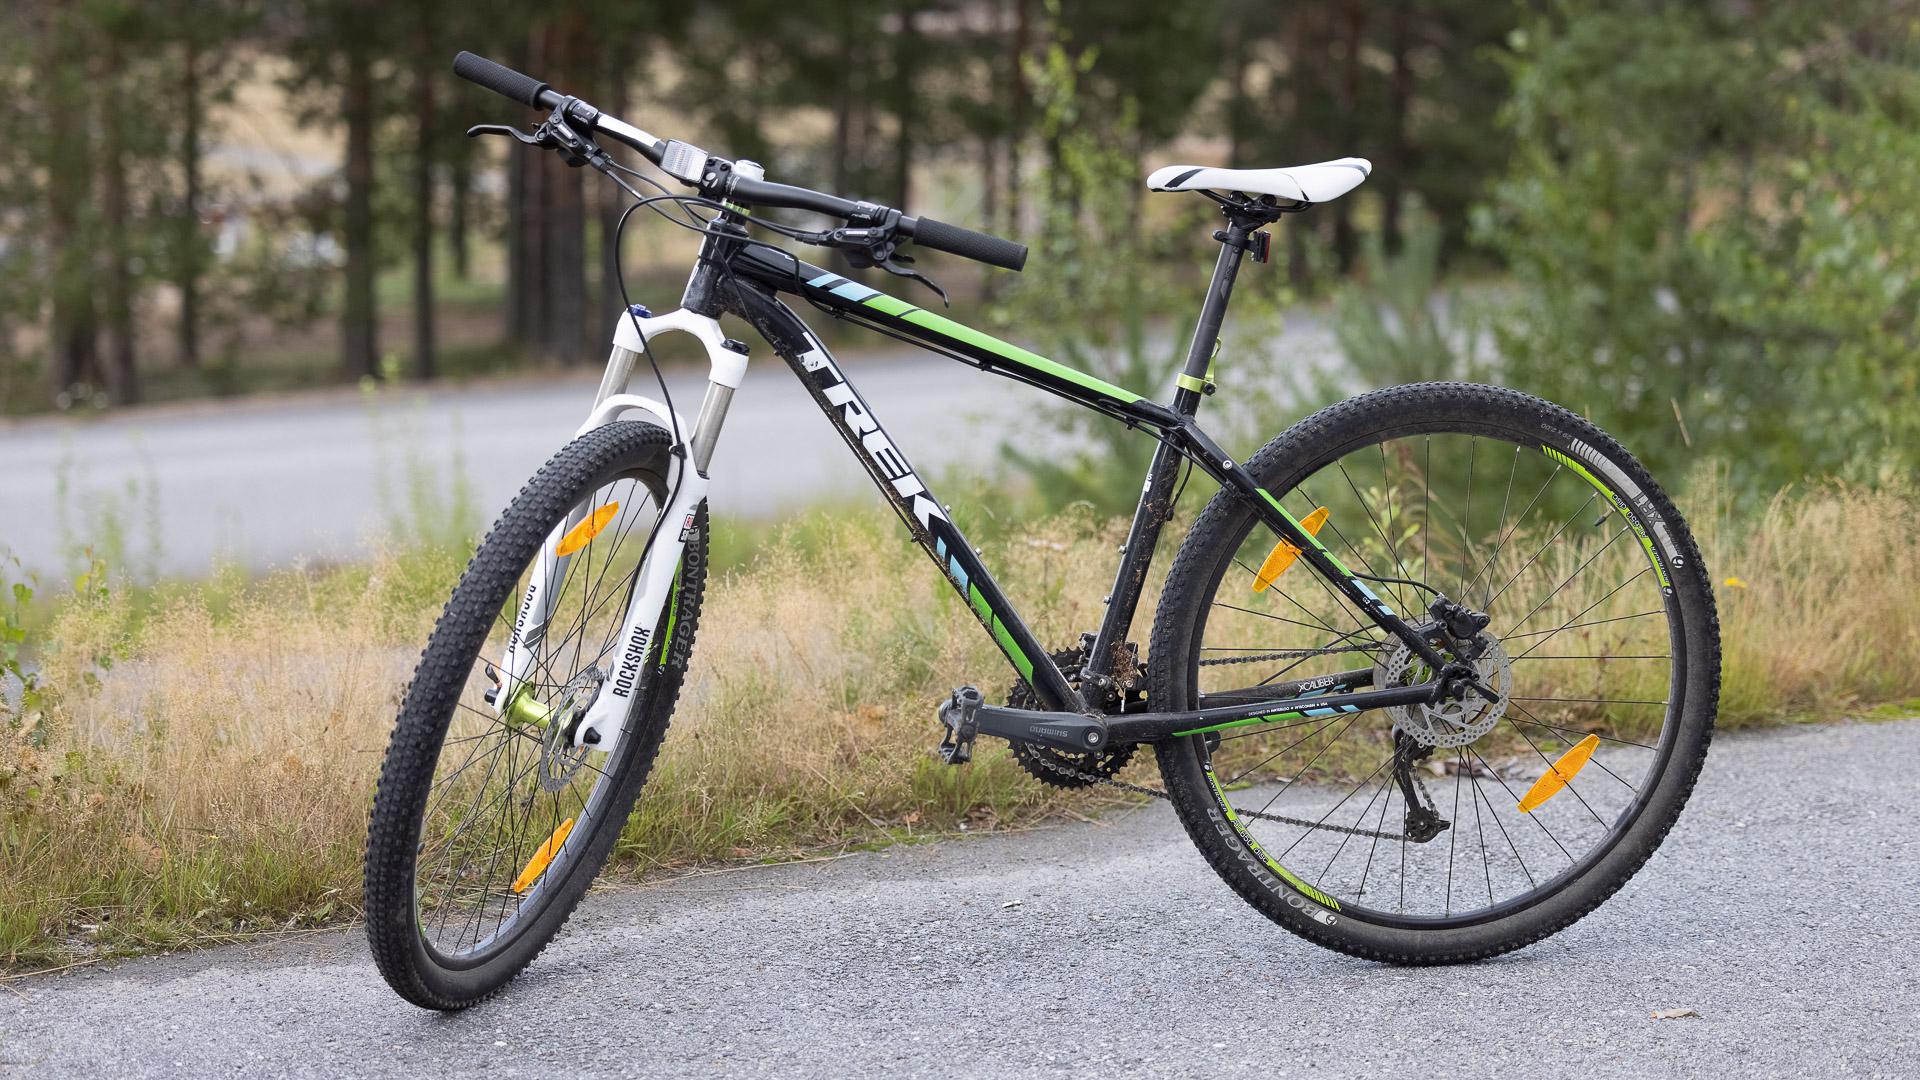 TREK XCALIBER 7 Maastopyörä Jämikeskus